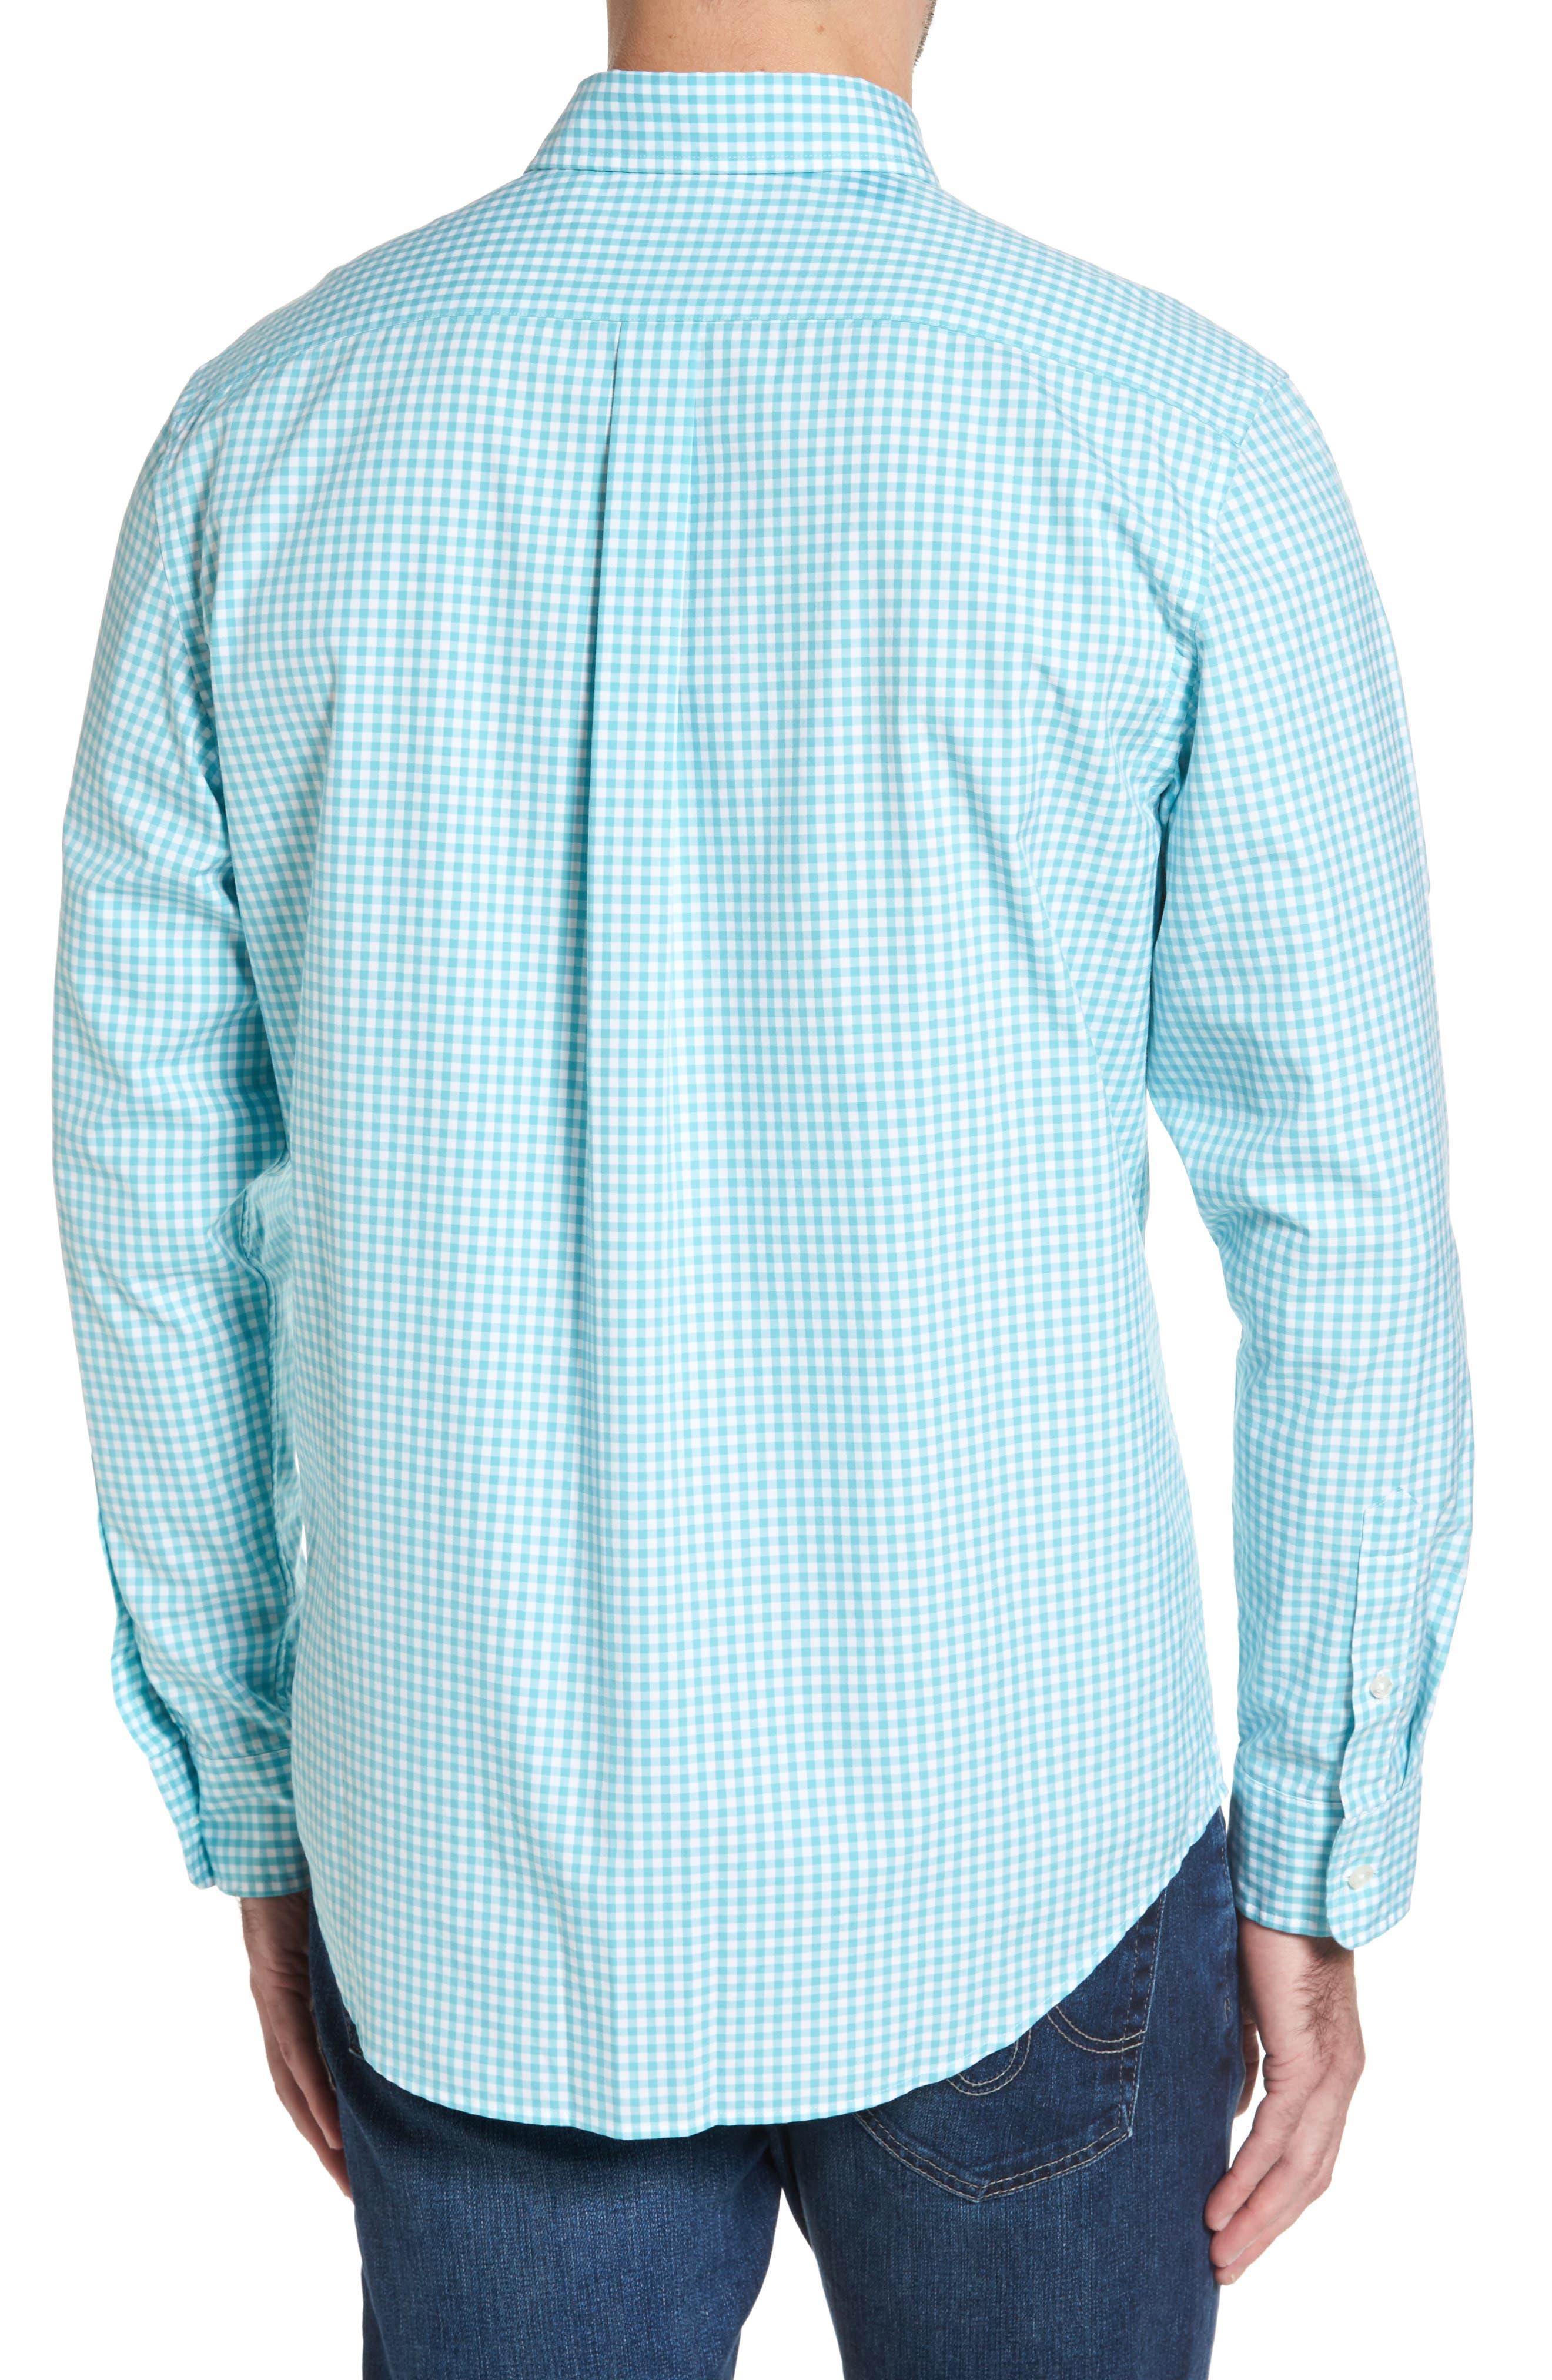 VINEYARD VINES,                             Seafloor Tucker Gingham Sport Shirt,                             Alternate thumbnail 2, color,                             302